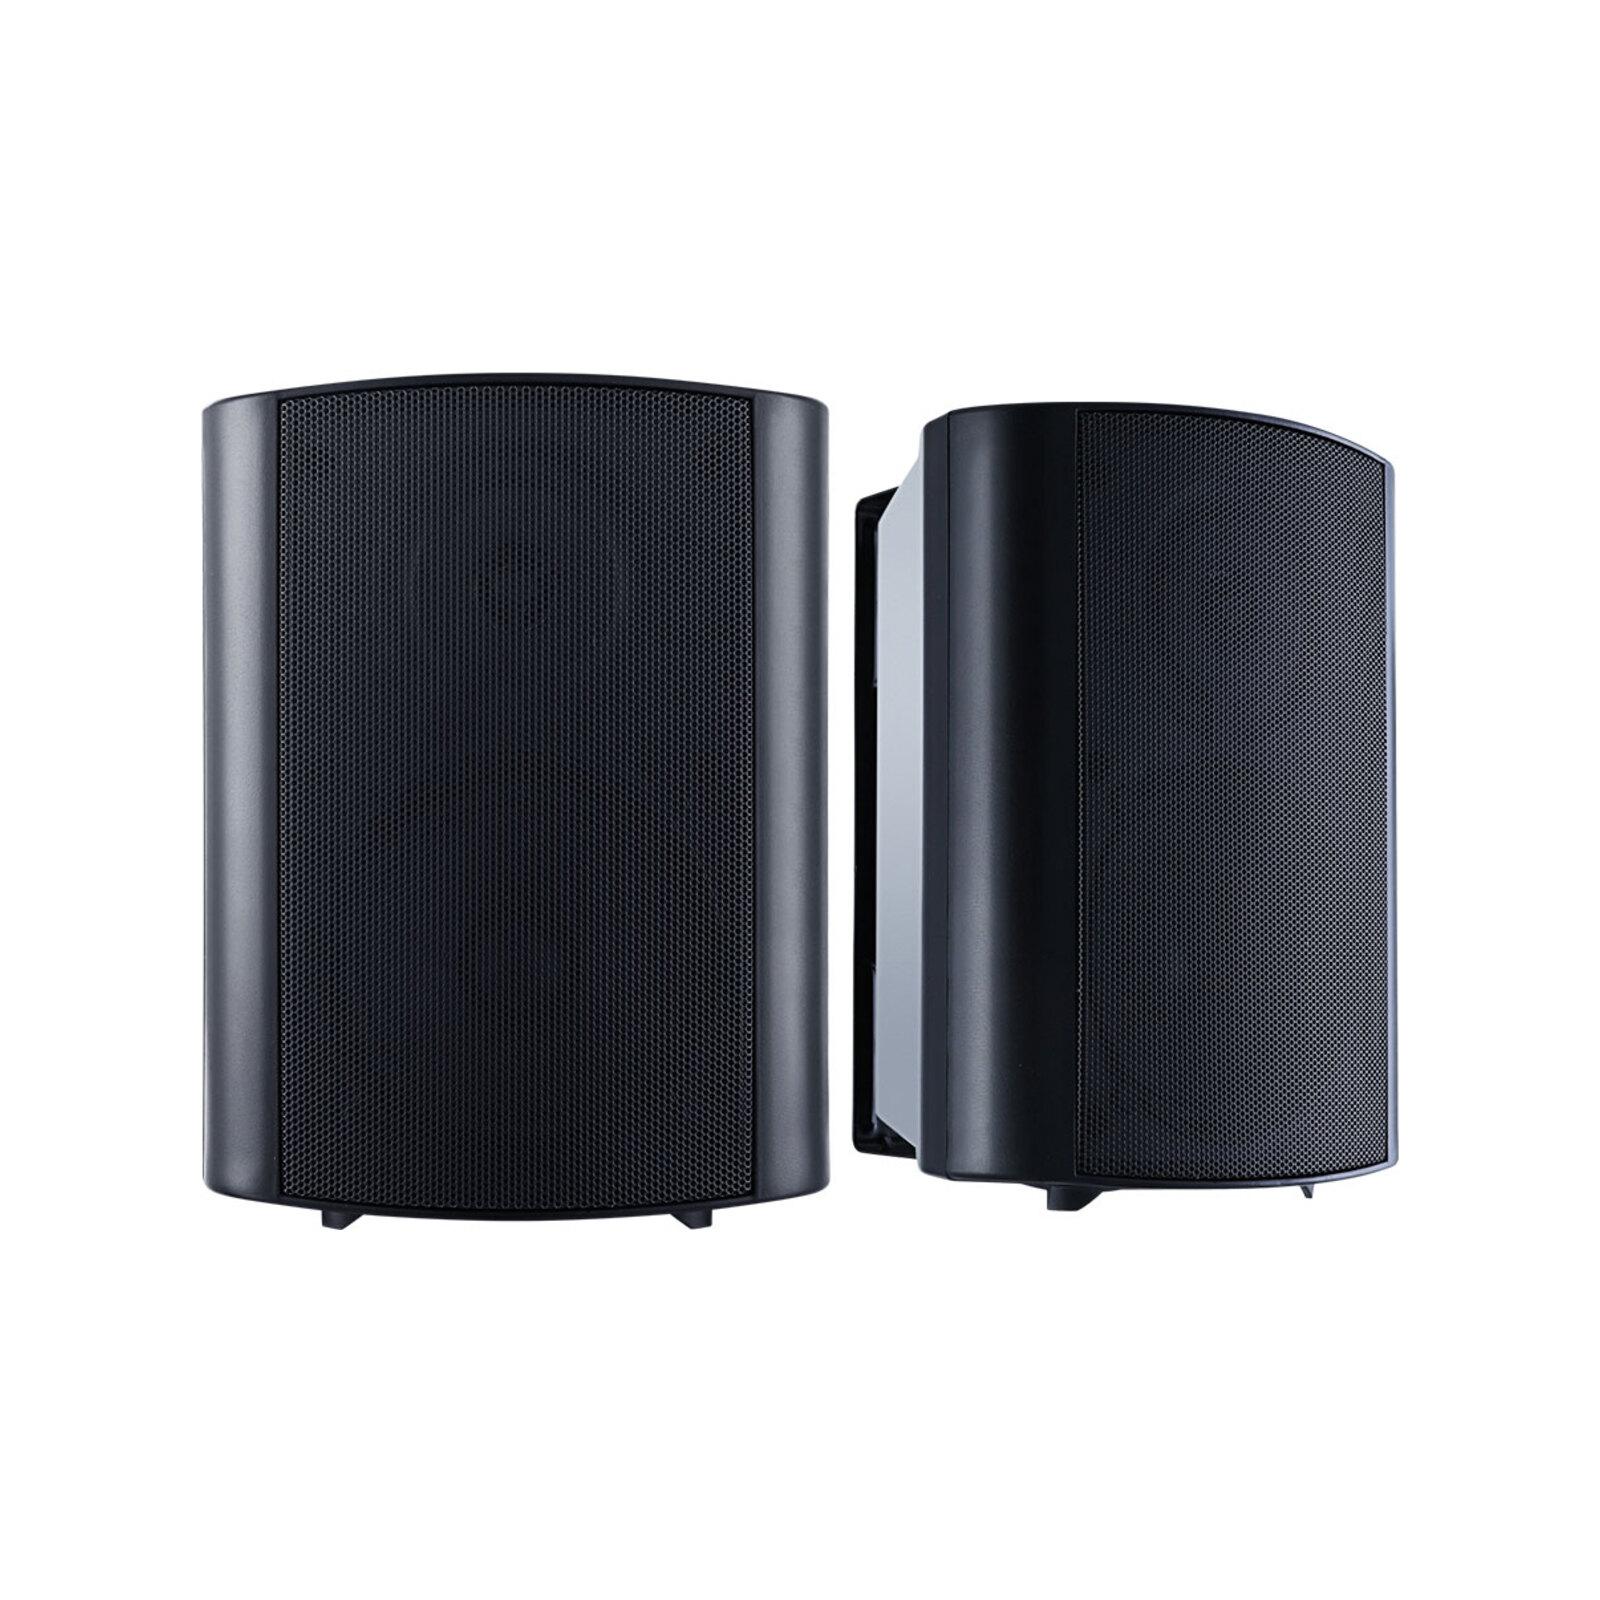 2-Way In Wall Speakers Home Speaker Outdoor Indoor Audio TV Stereo 150W